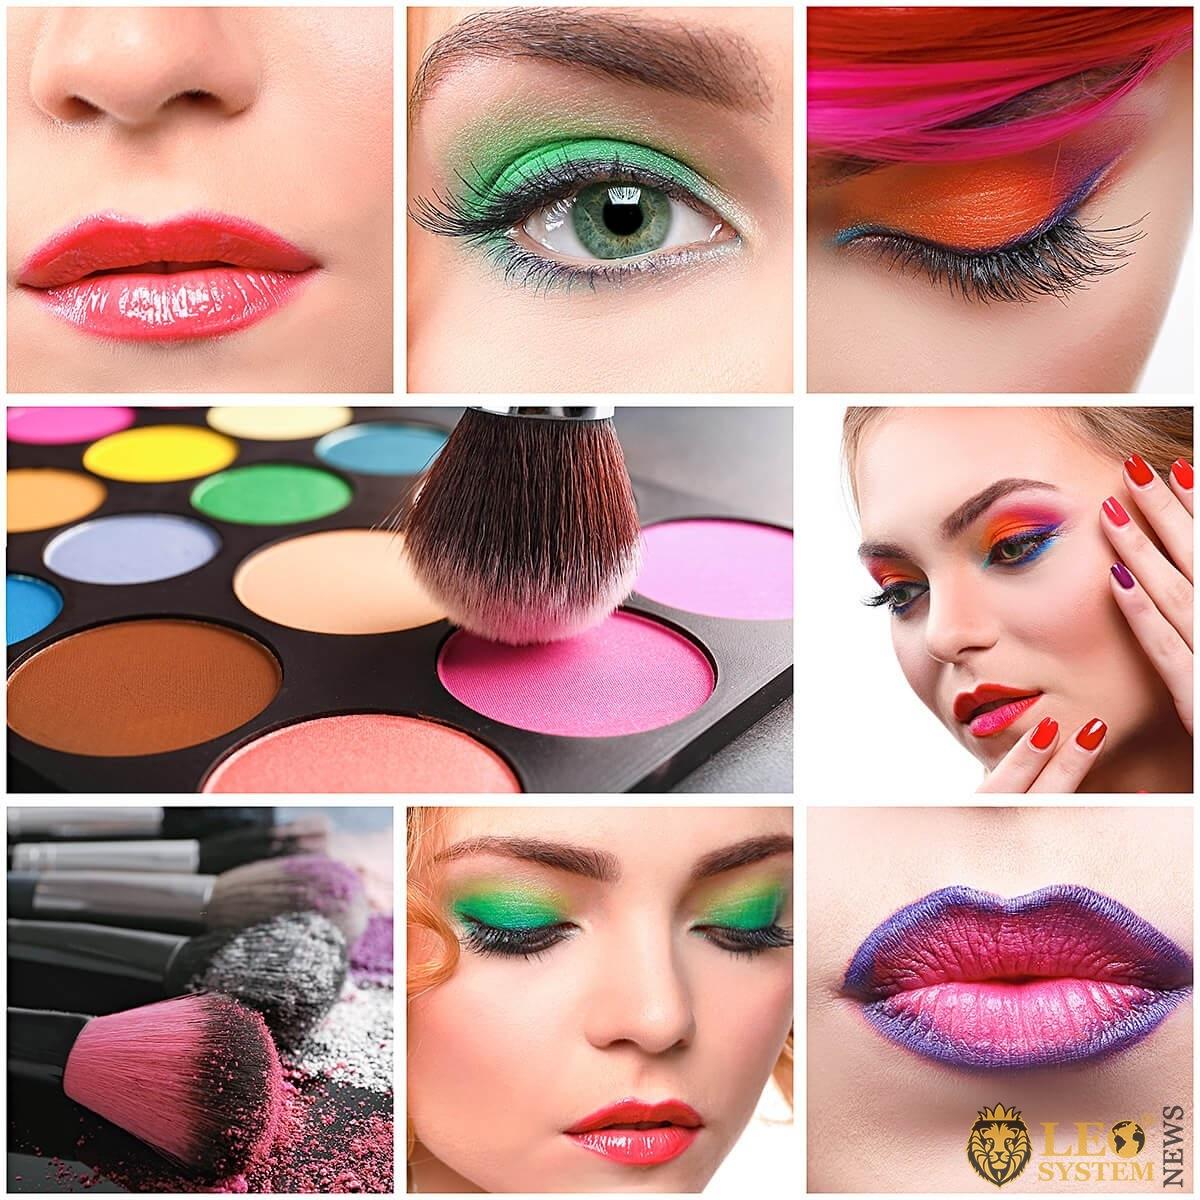 Beautiful makeup options